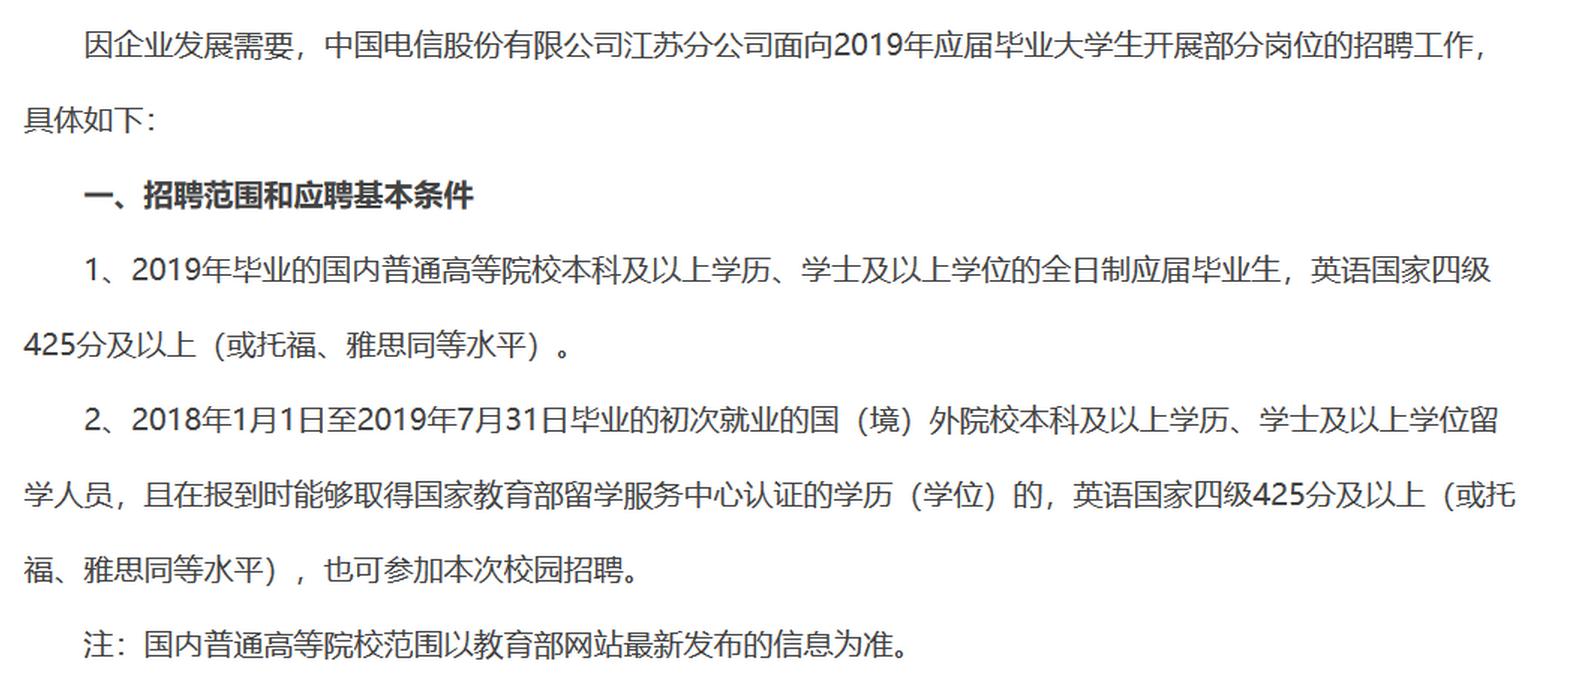 中国电信网上大学网_中国电信股份有限公司校园招聘-江南大学宣讲会-海投网